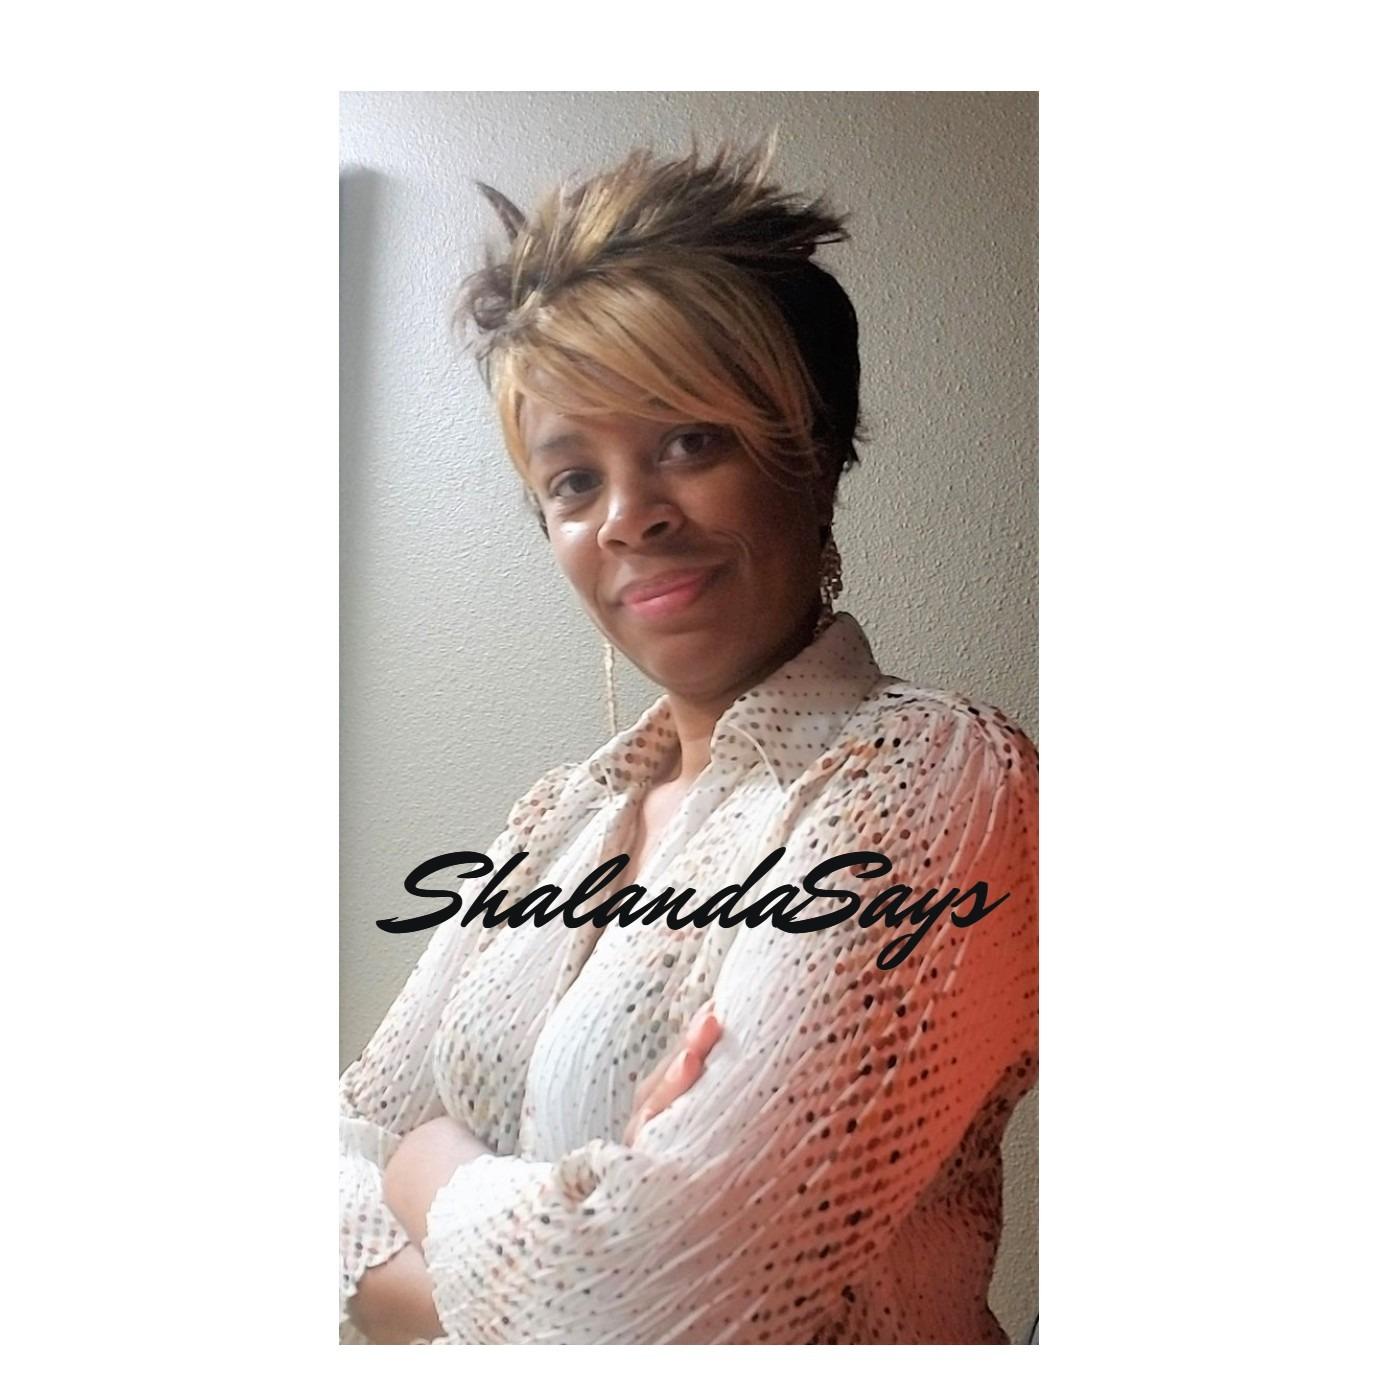 ShalandaSays Meet Financial Expert Karen Ford